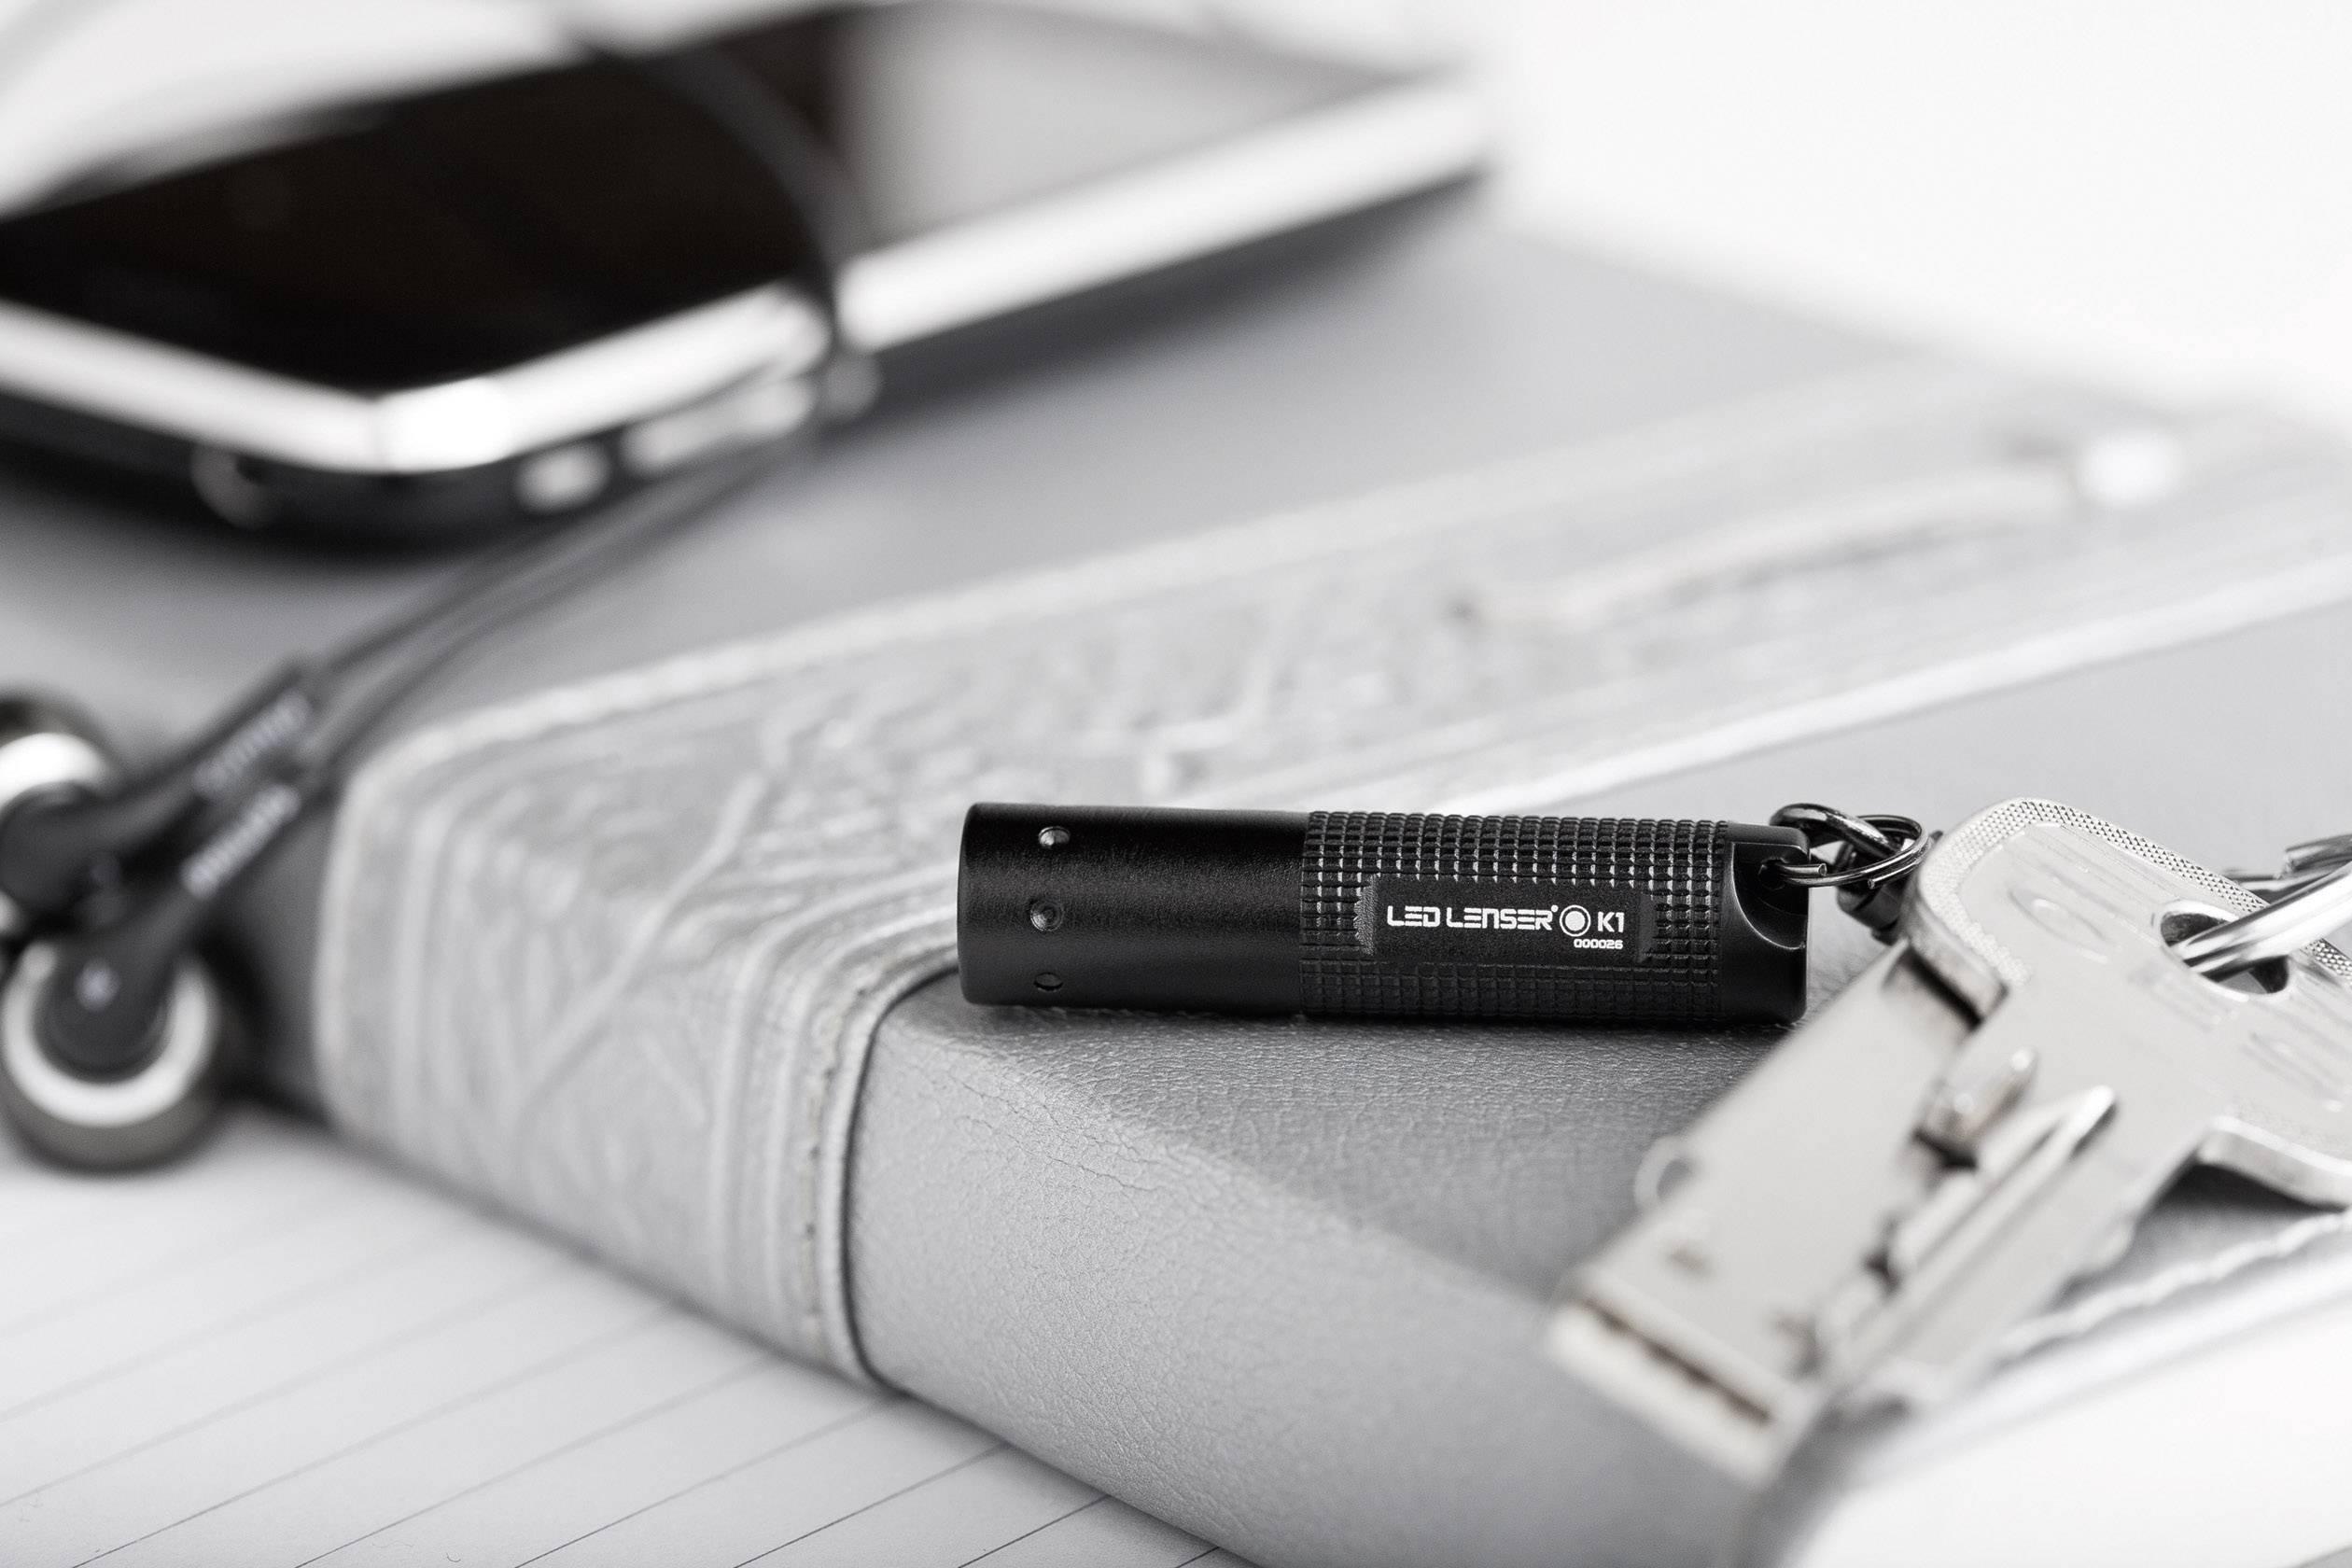 Svietidlo na kľúčenku LED Lenser K1